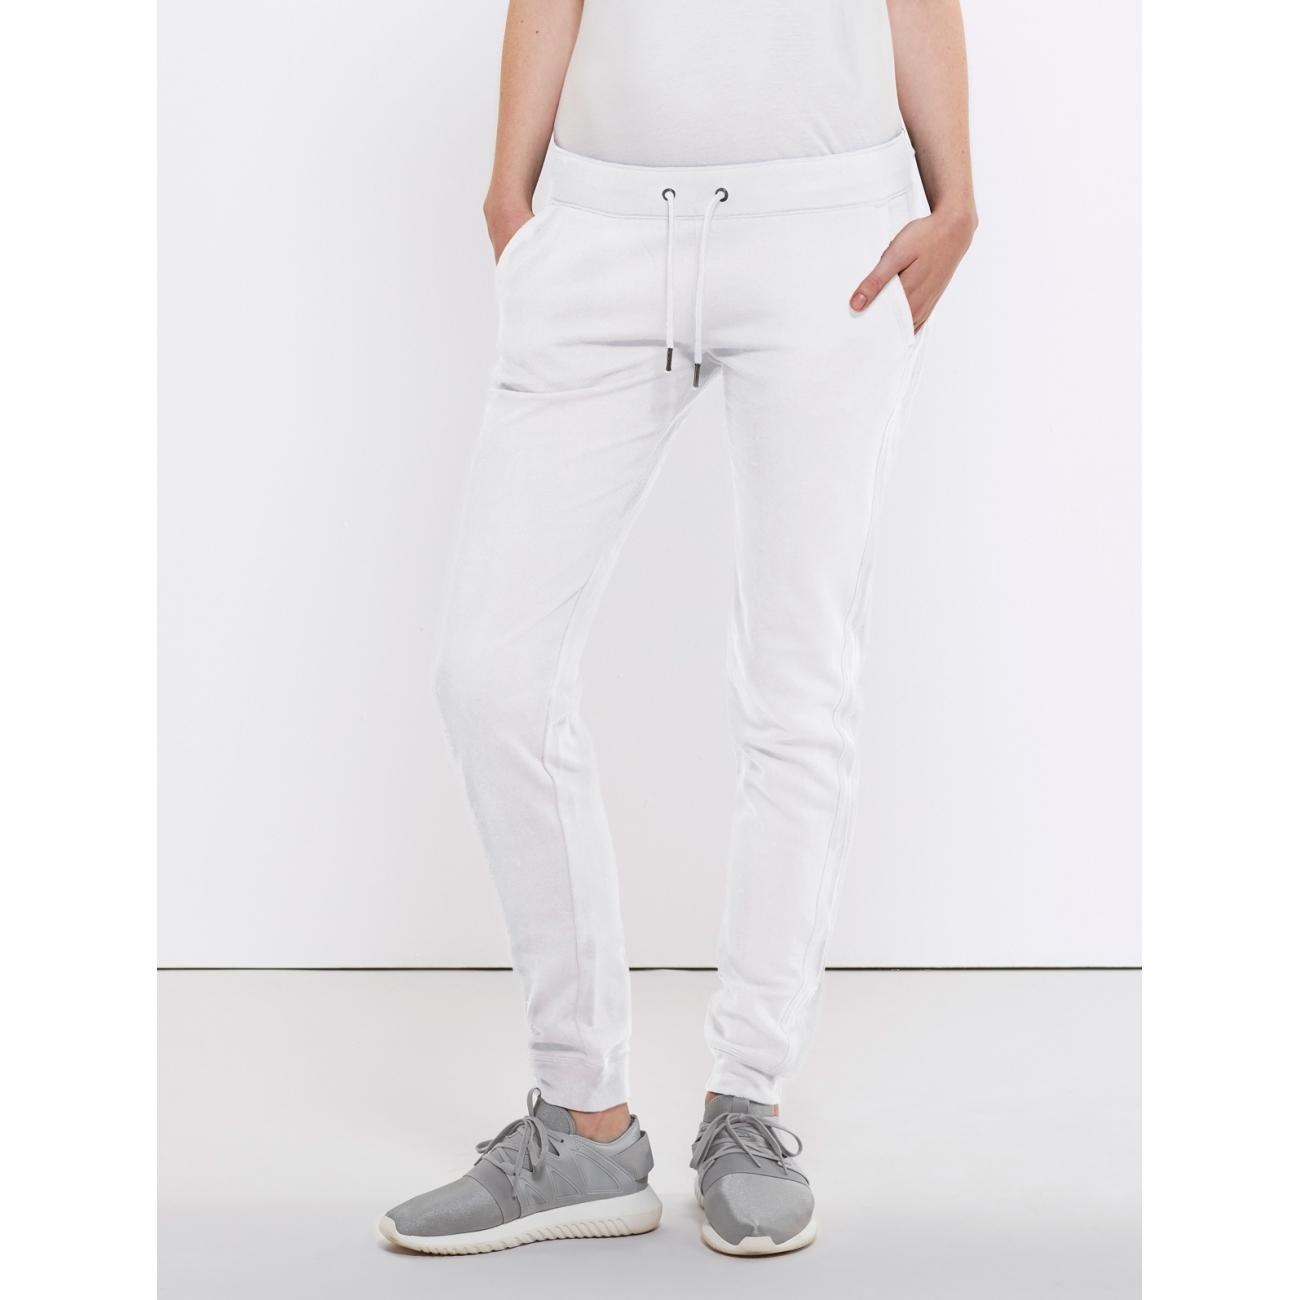 https://tee-shirt-bio.com/5636-thickbox_default/pantalon-de-jogging-en-coton-bioblanc-pour-femme.jpg